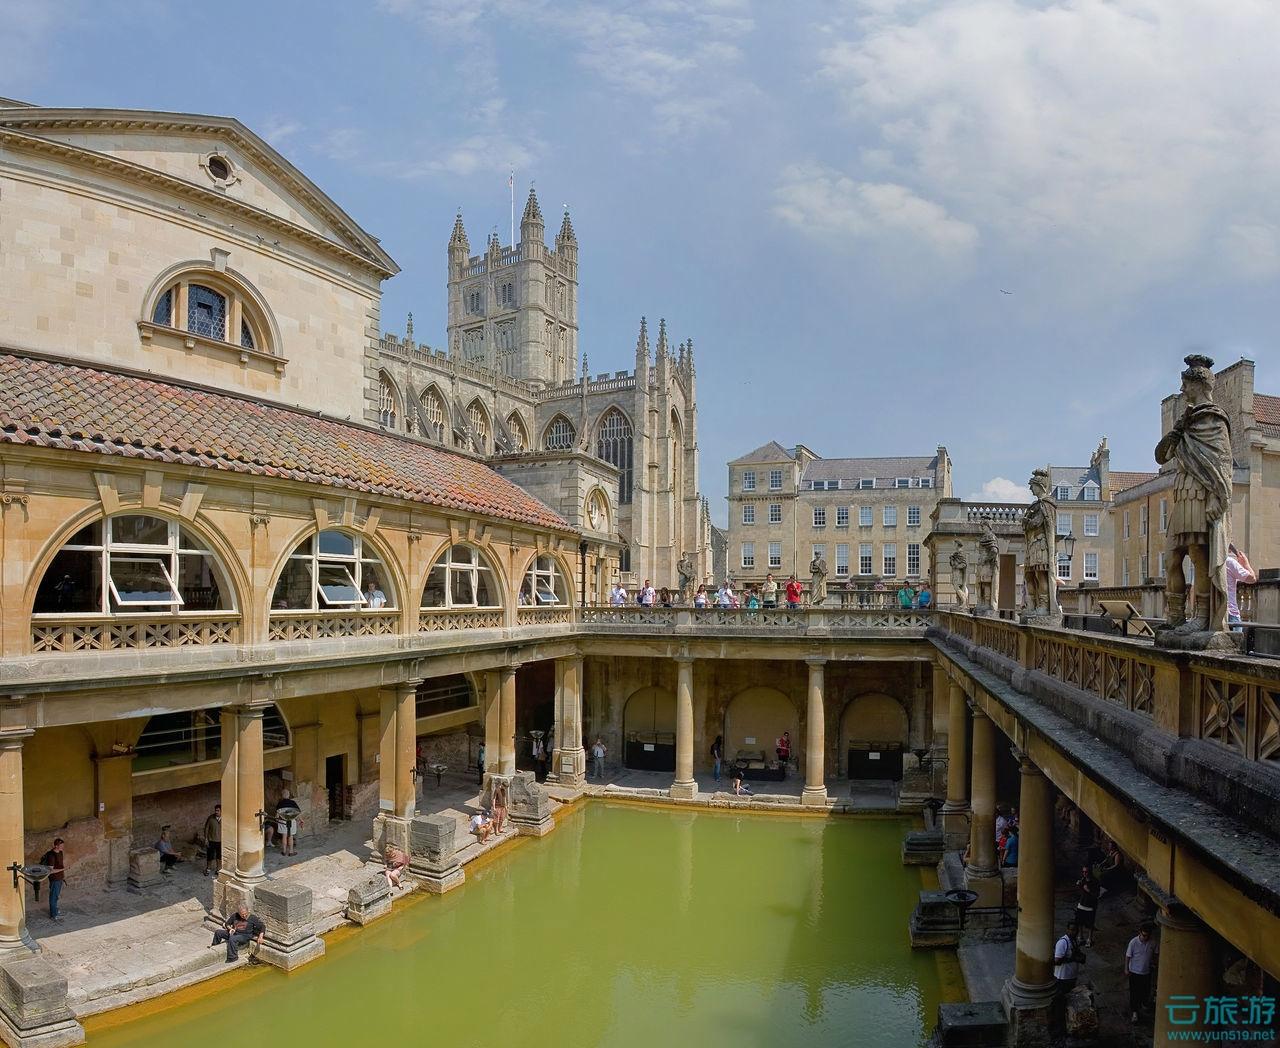 罗马浴池 游遍欧洲 西欧旅游景点